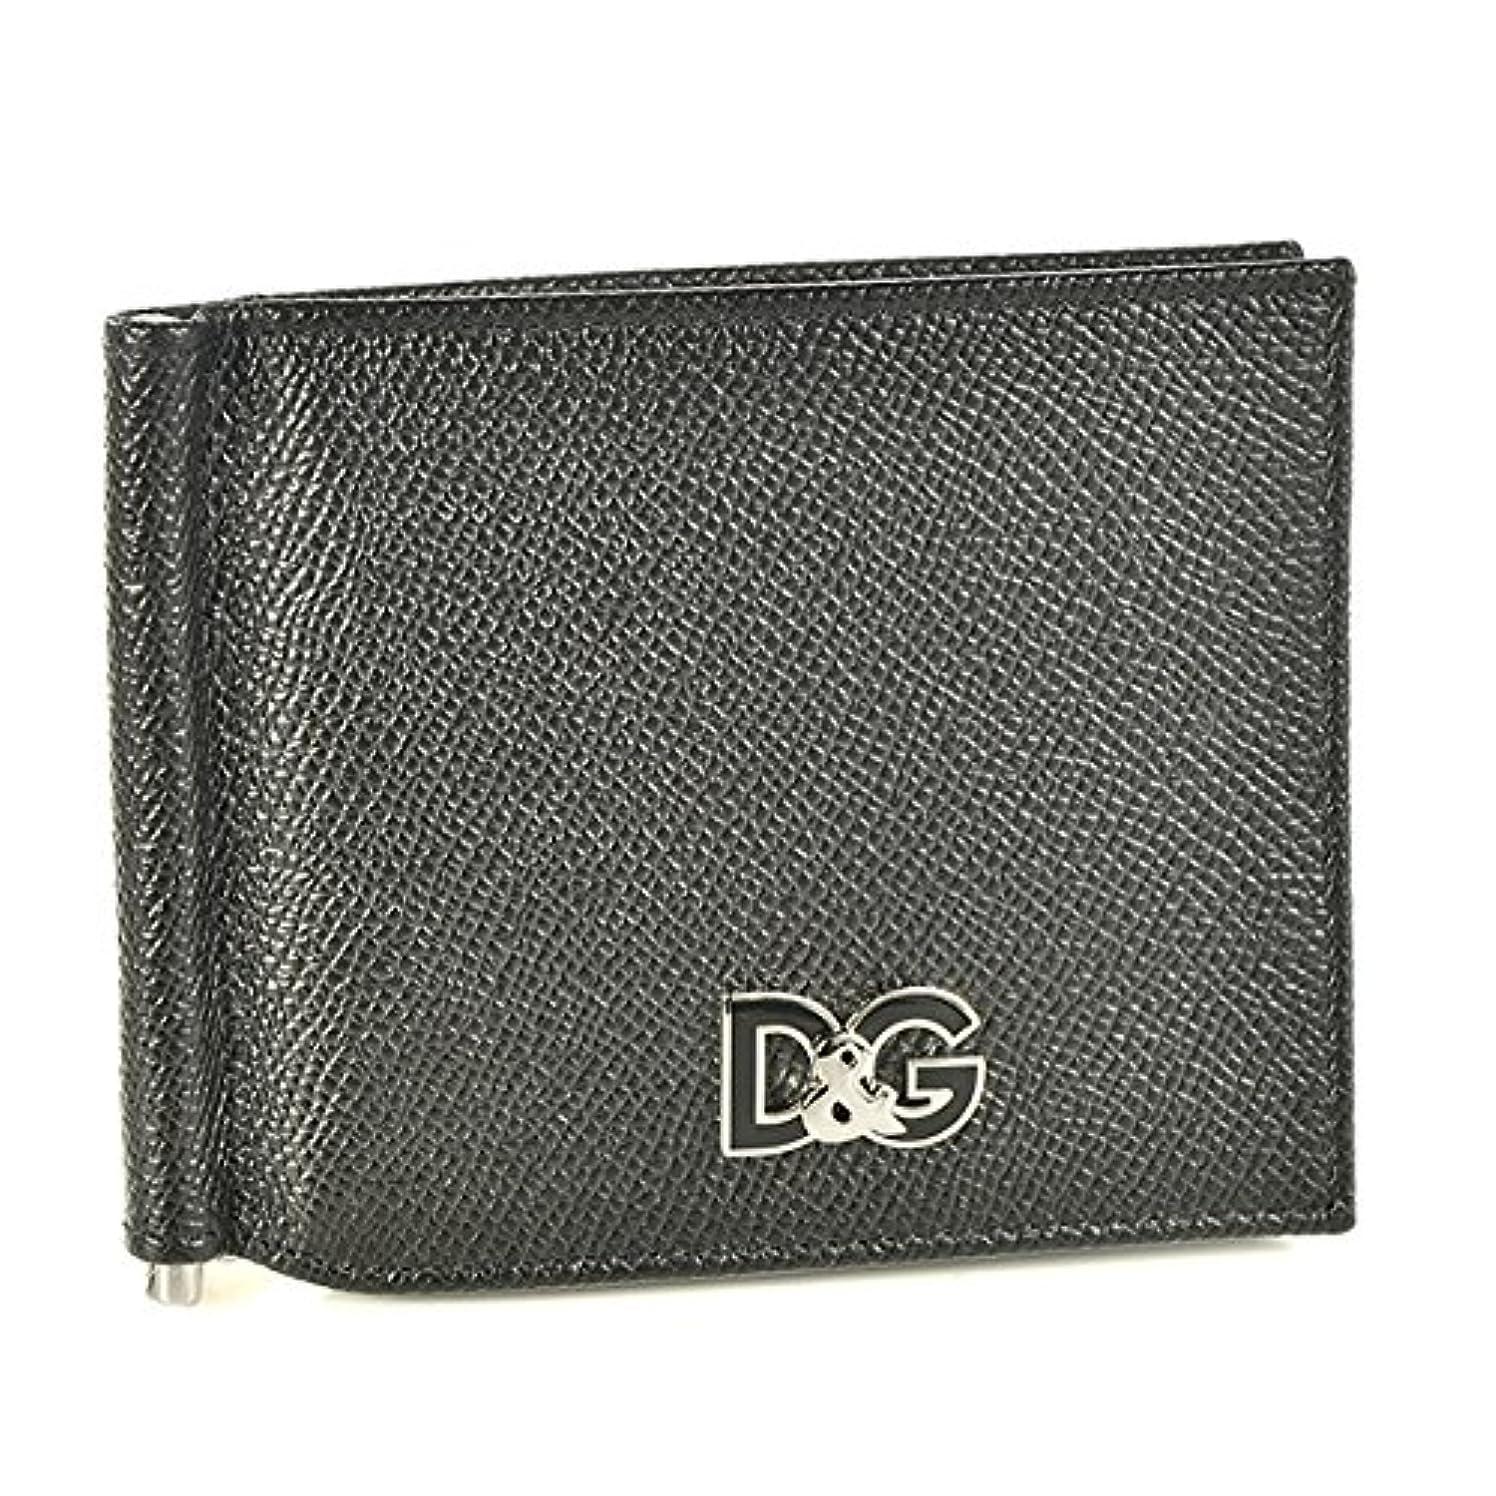 ドラム郡傷つけるDolce&Gabbana(ドルチェ&ガッバーナ) 財布 メンズ VITELLO 2つ折り財布 ブラック BP1920-AI945-80999 [並行輸入品]